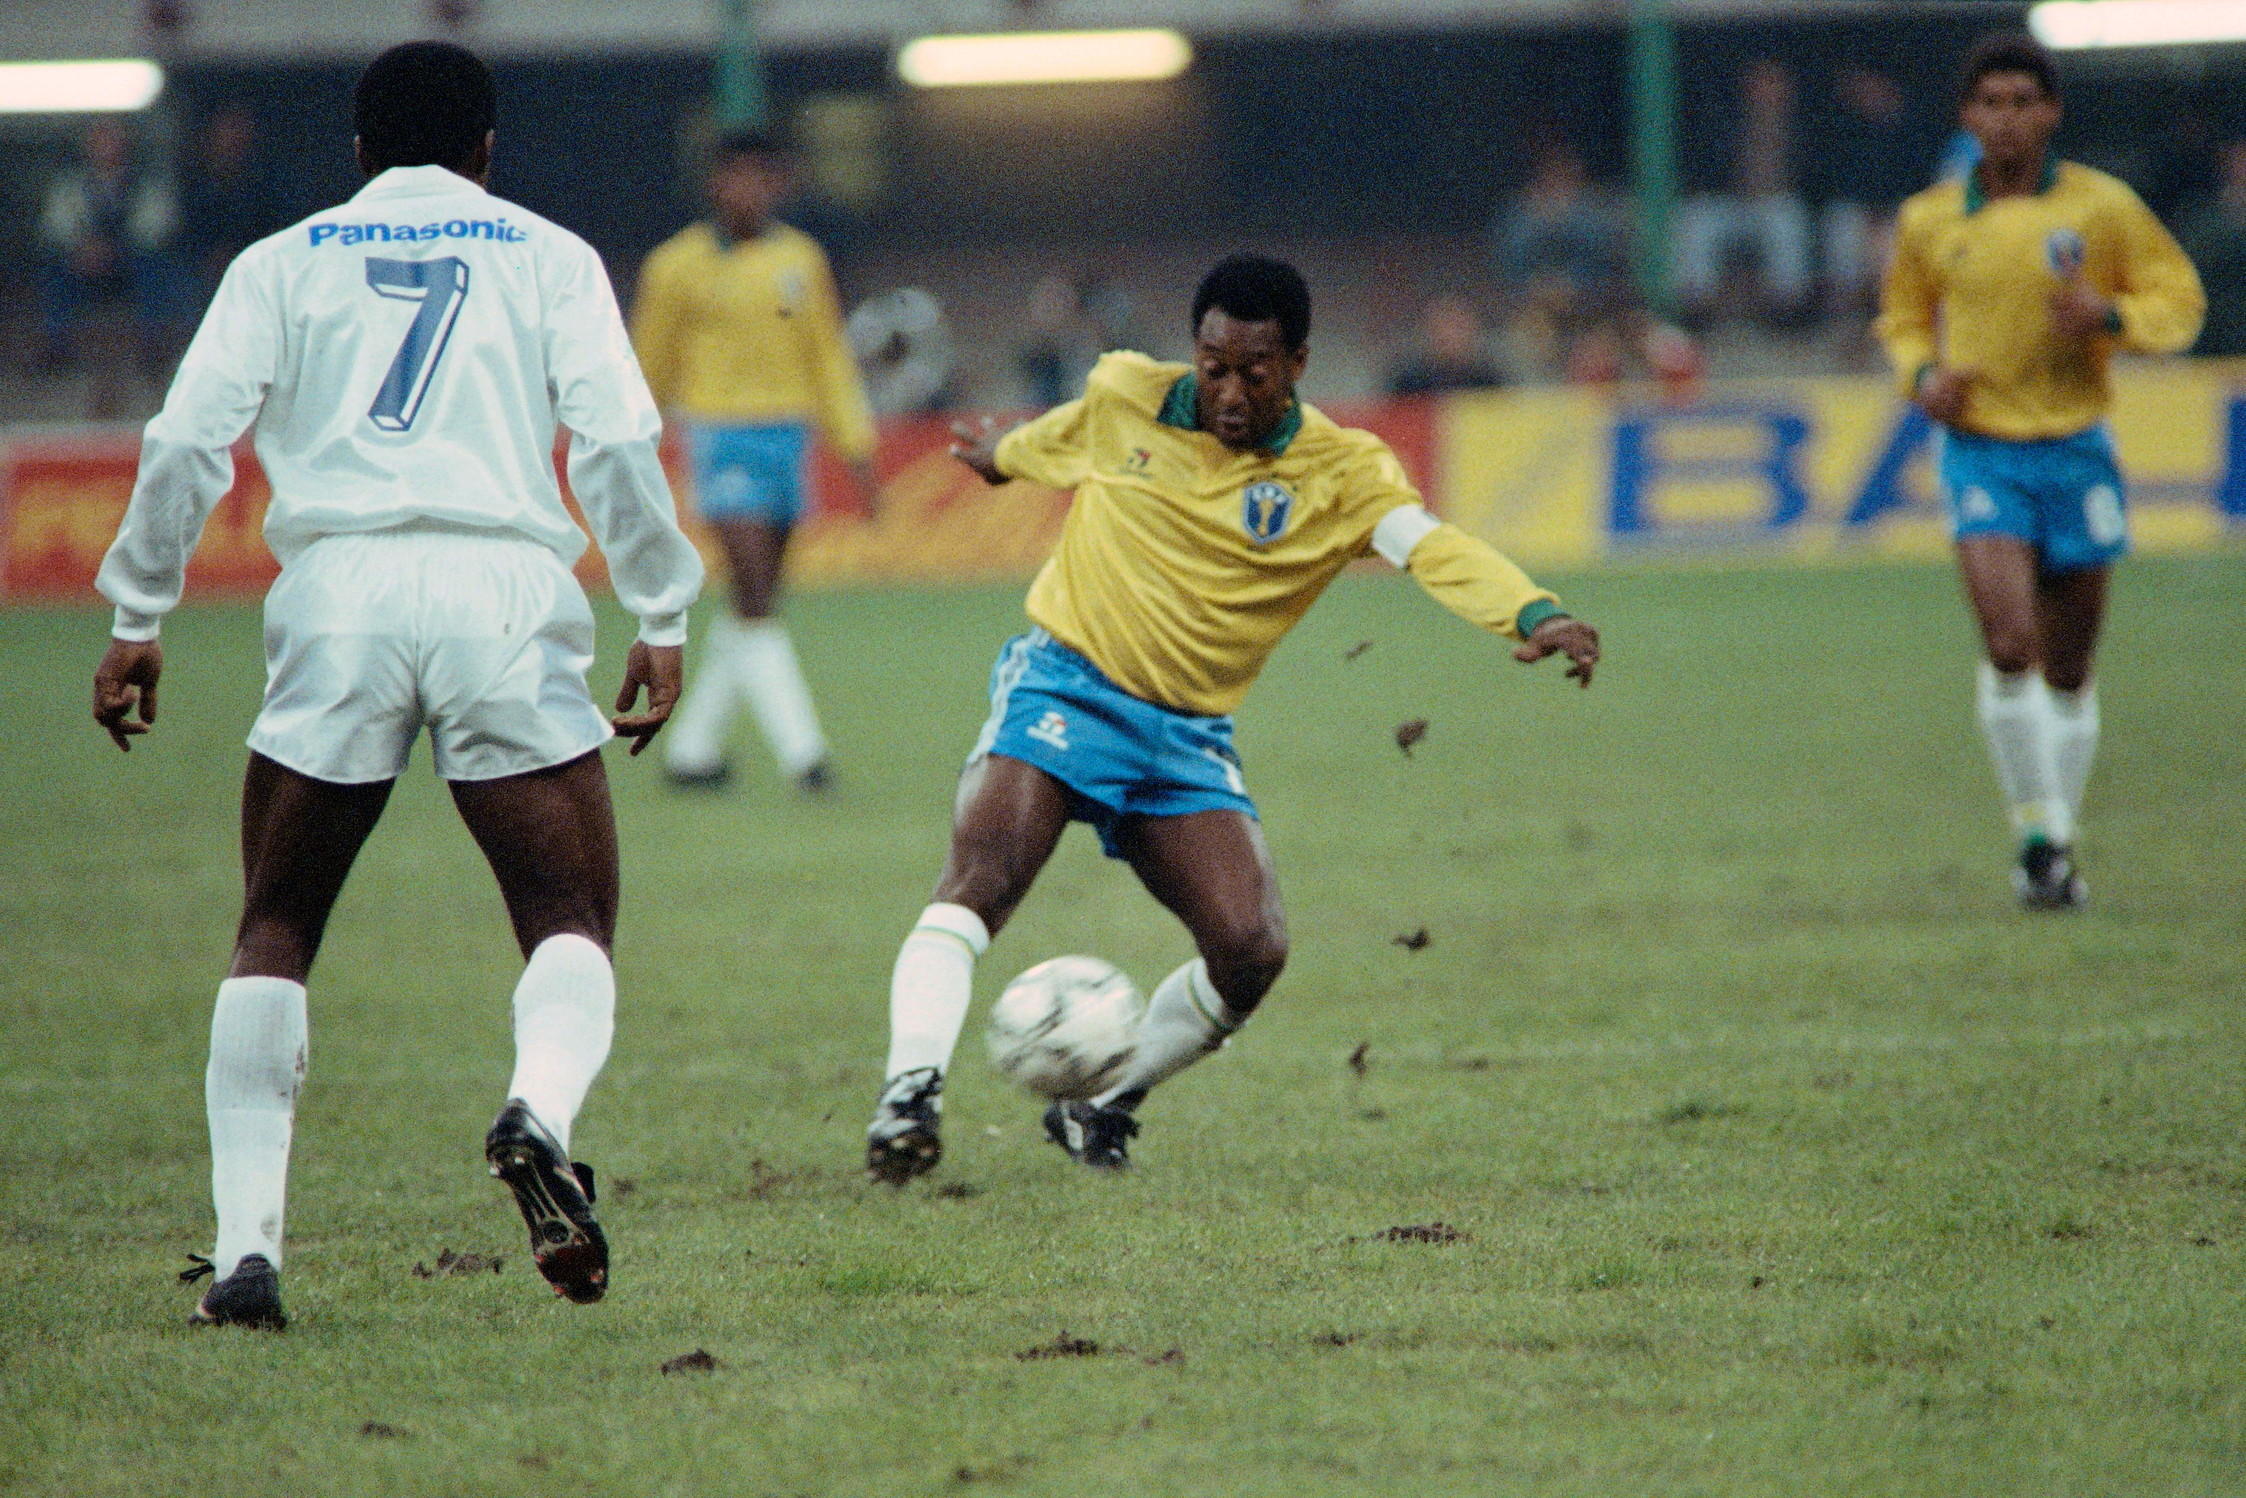 5) Pelé